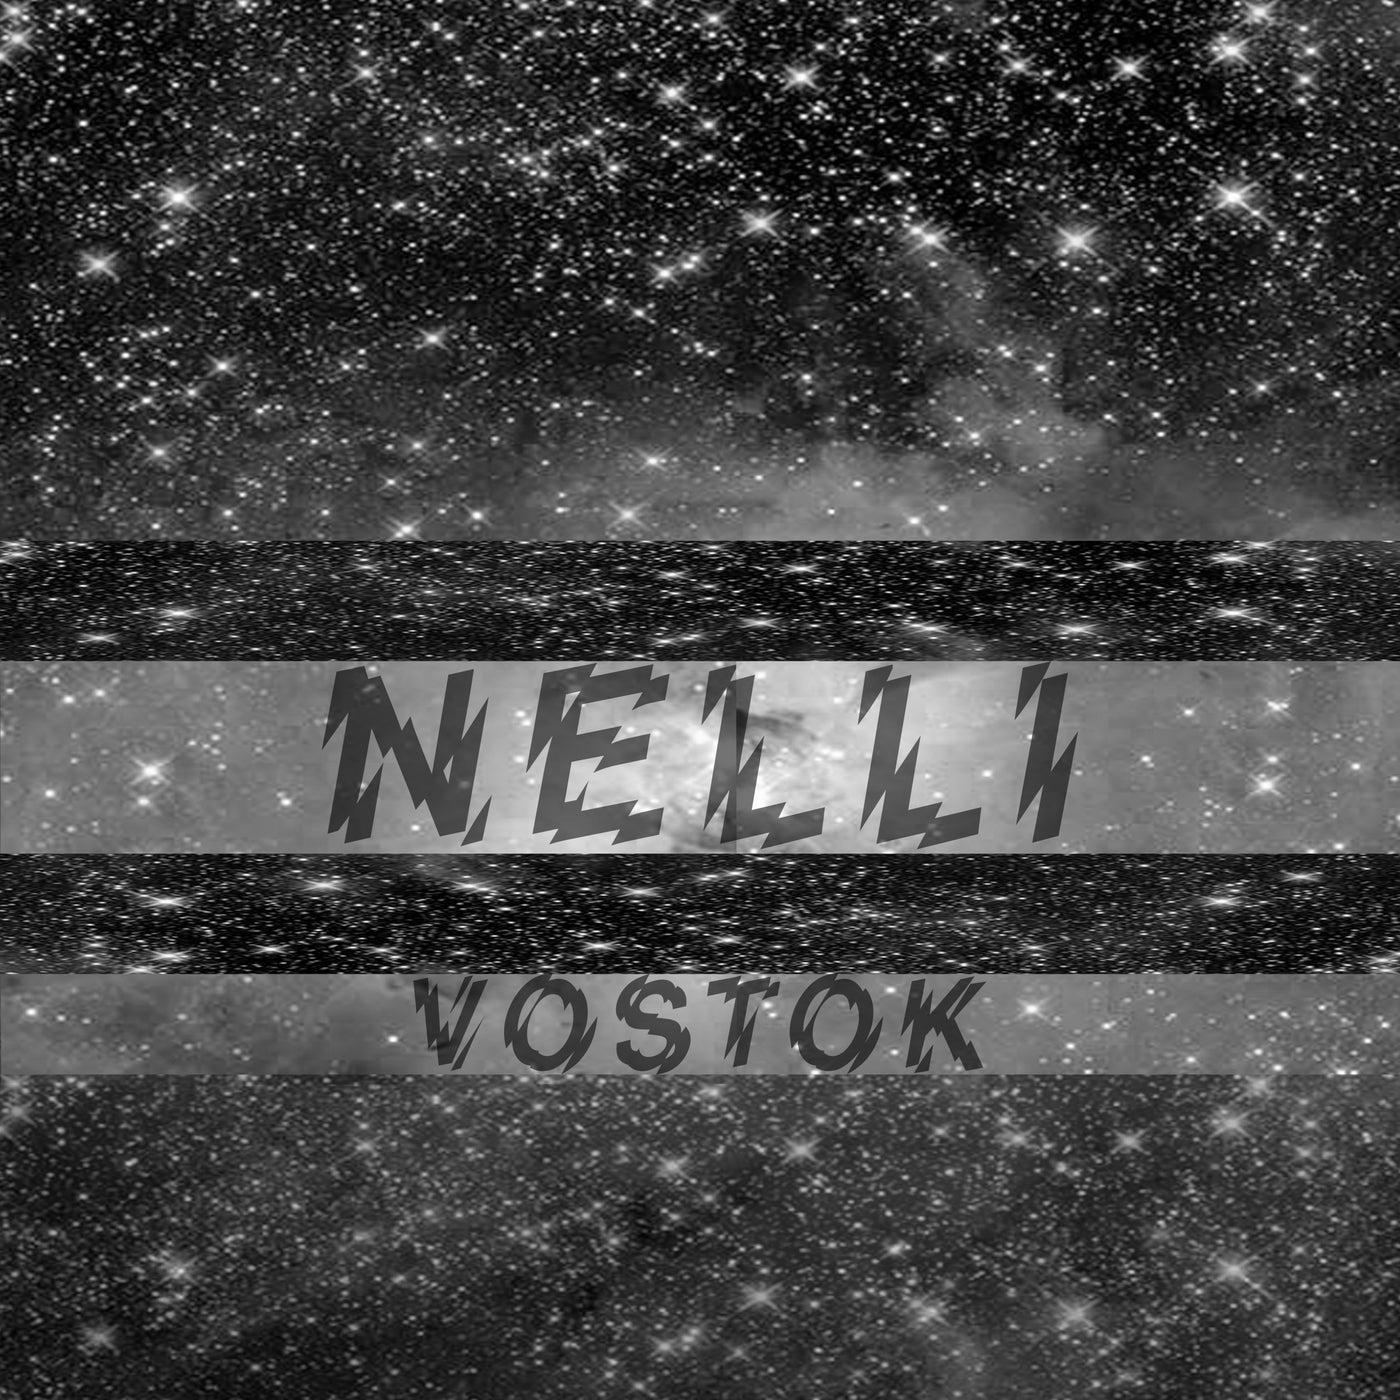 Vostok-6 (Original Mix)